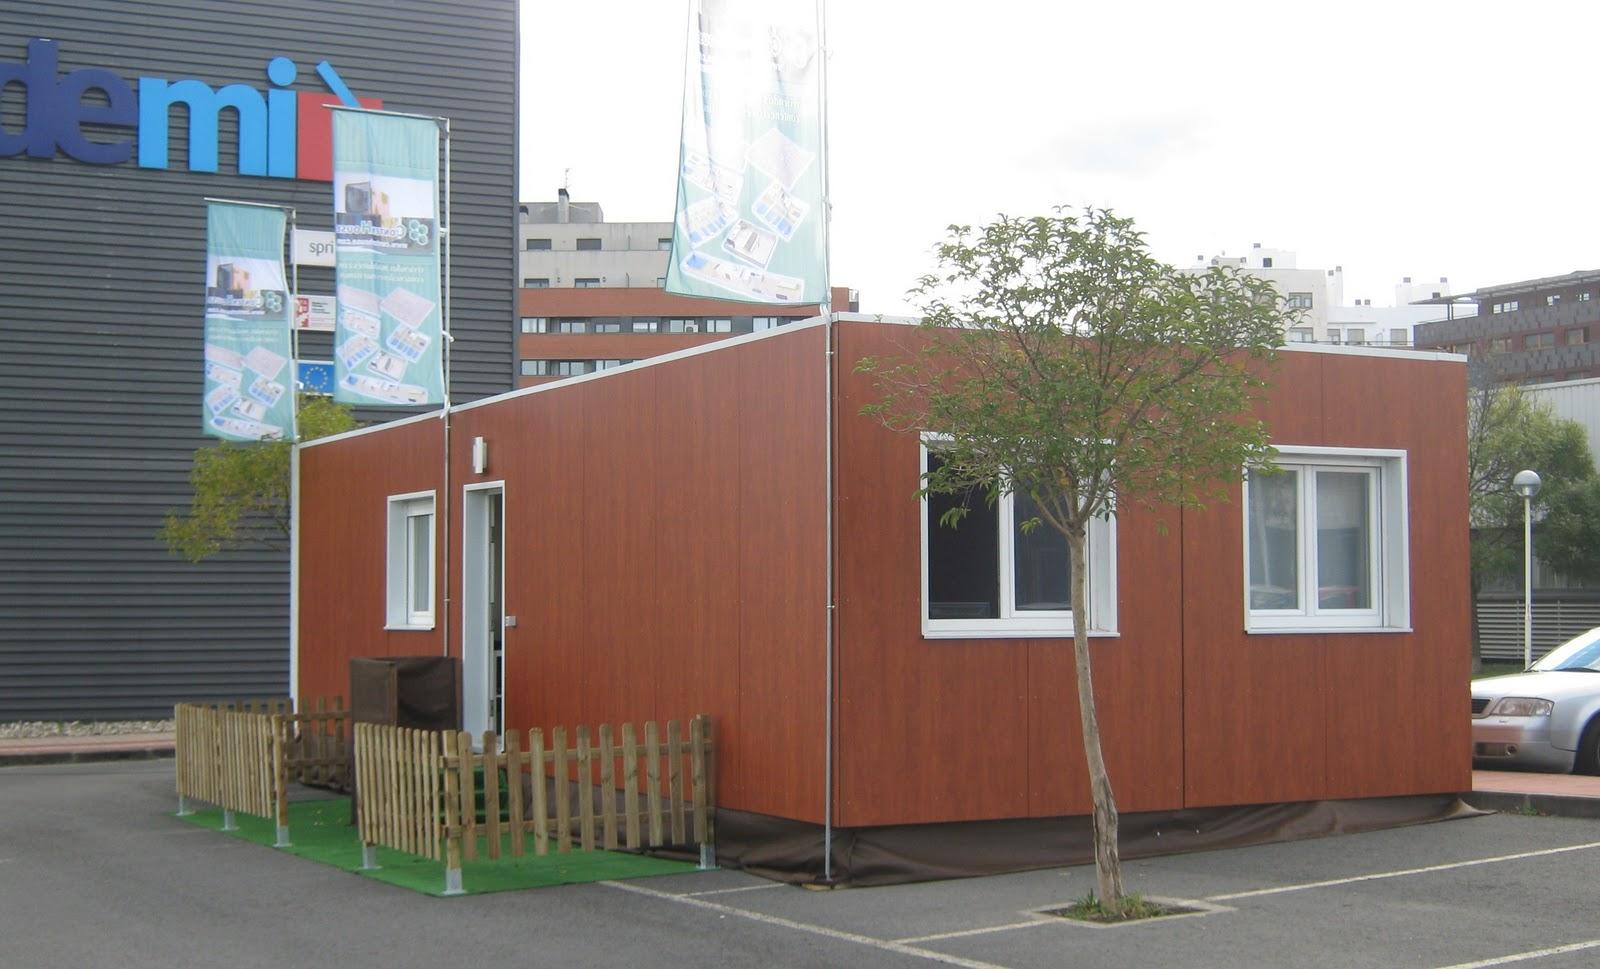 Barakaldo digital una empresa muestra en el cedemi las viviendas que construye a partir de - Contenedores vivienda ...